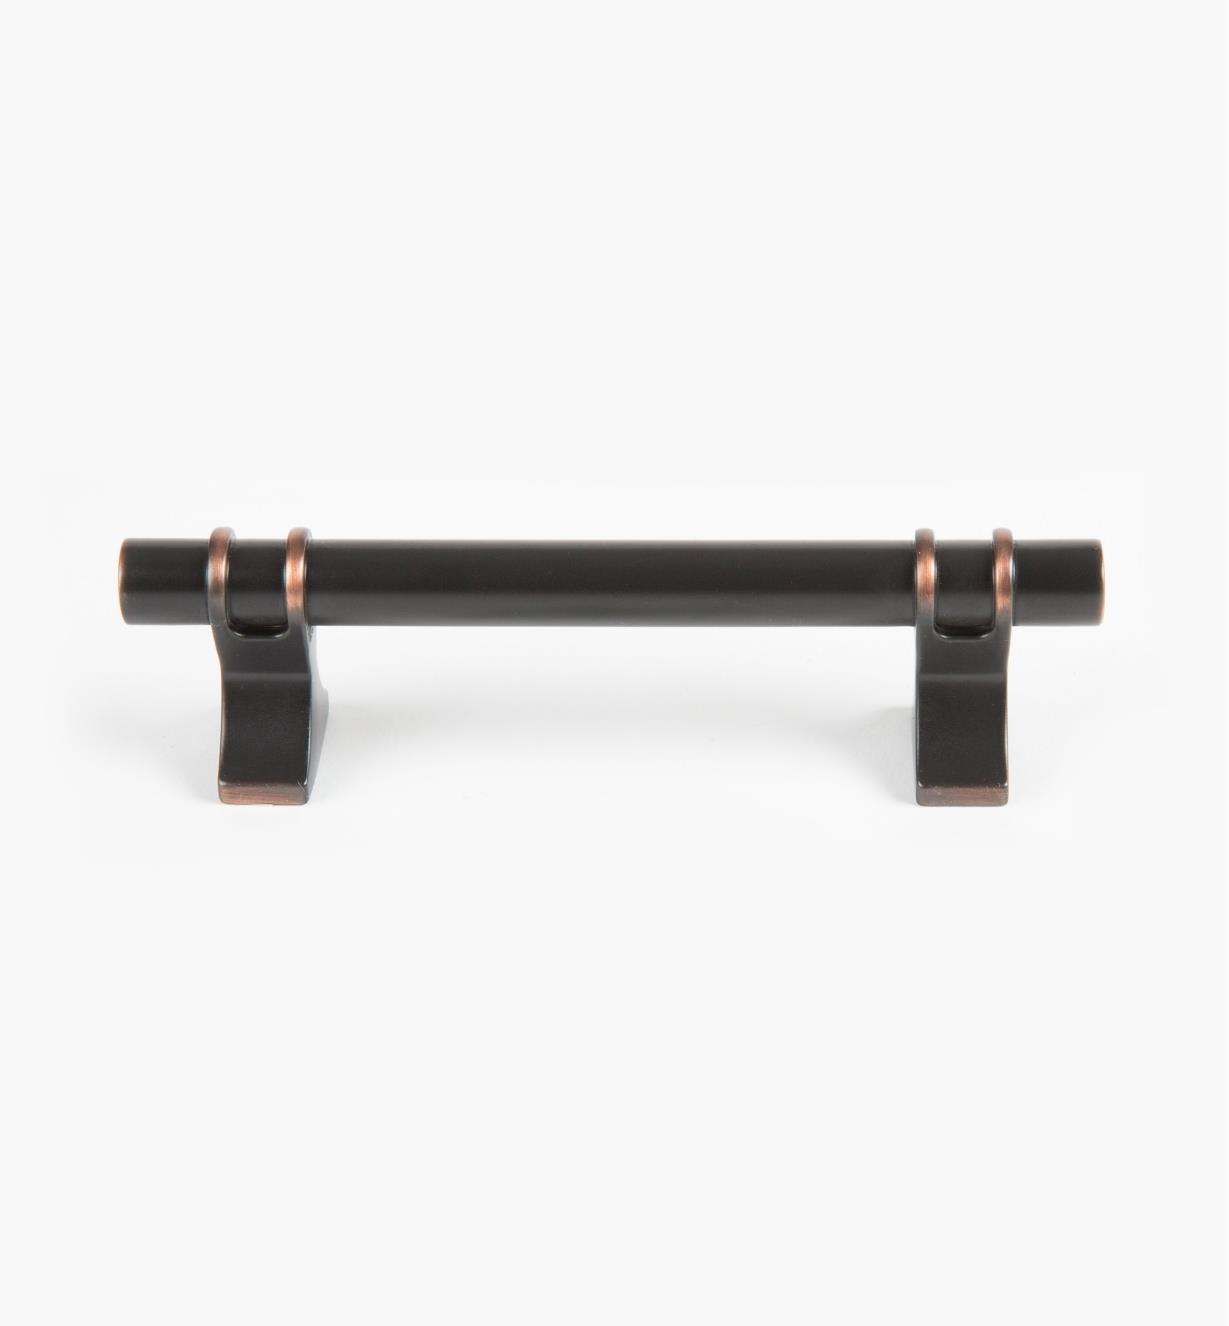 02A1437 - Poignée Davenport, 96mm (135mm), bronze huilé, l'unité